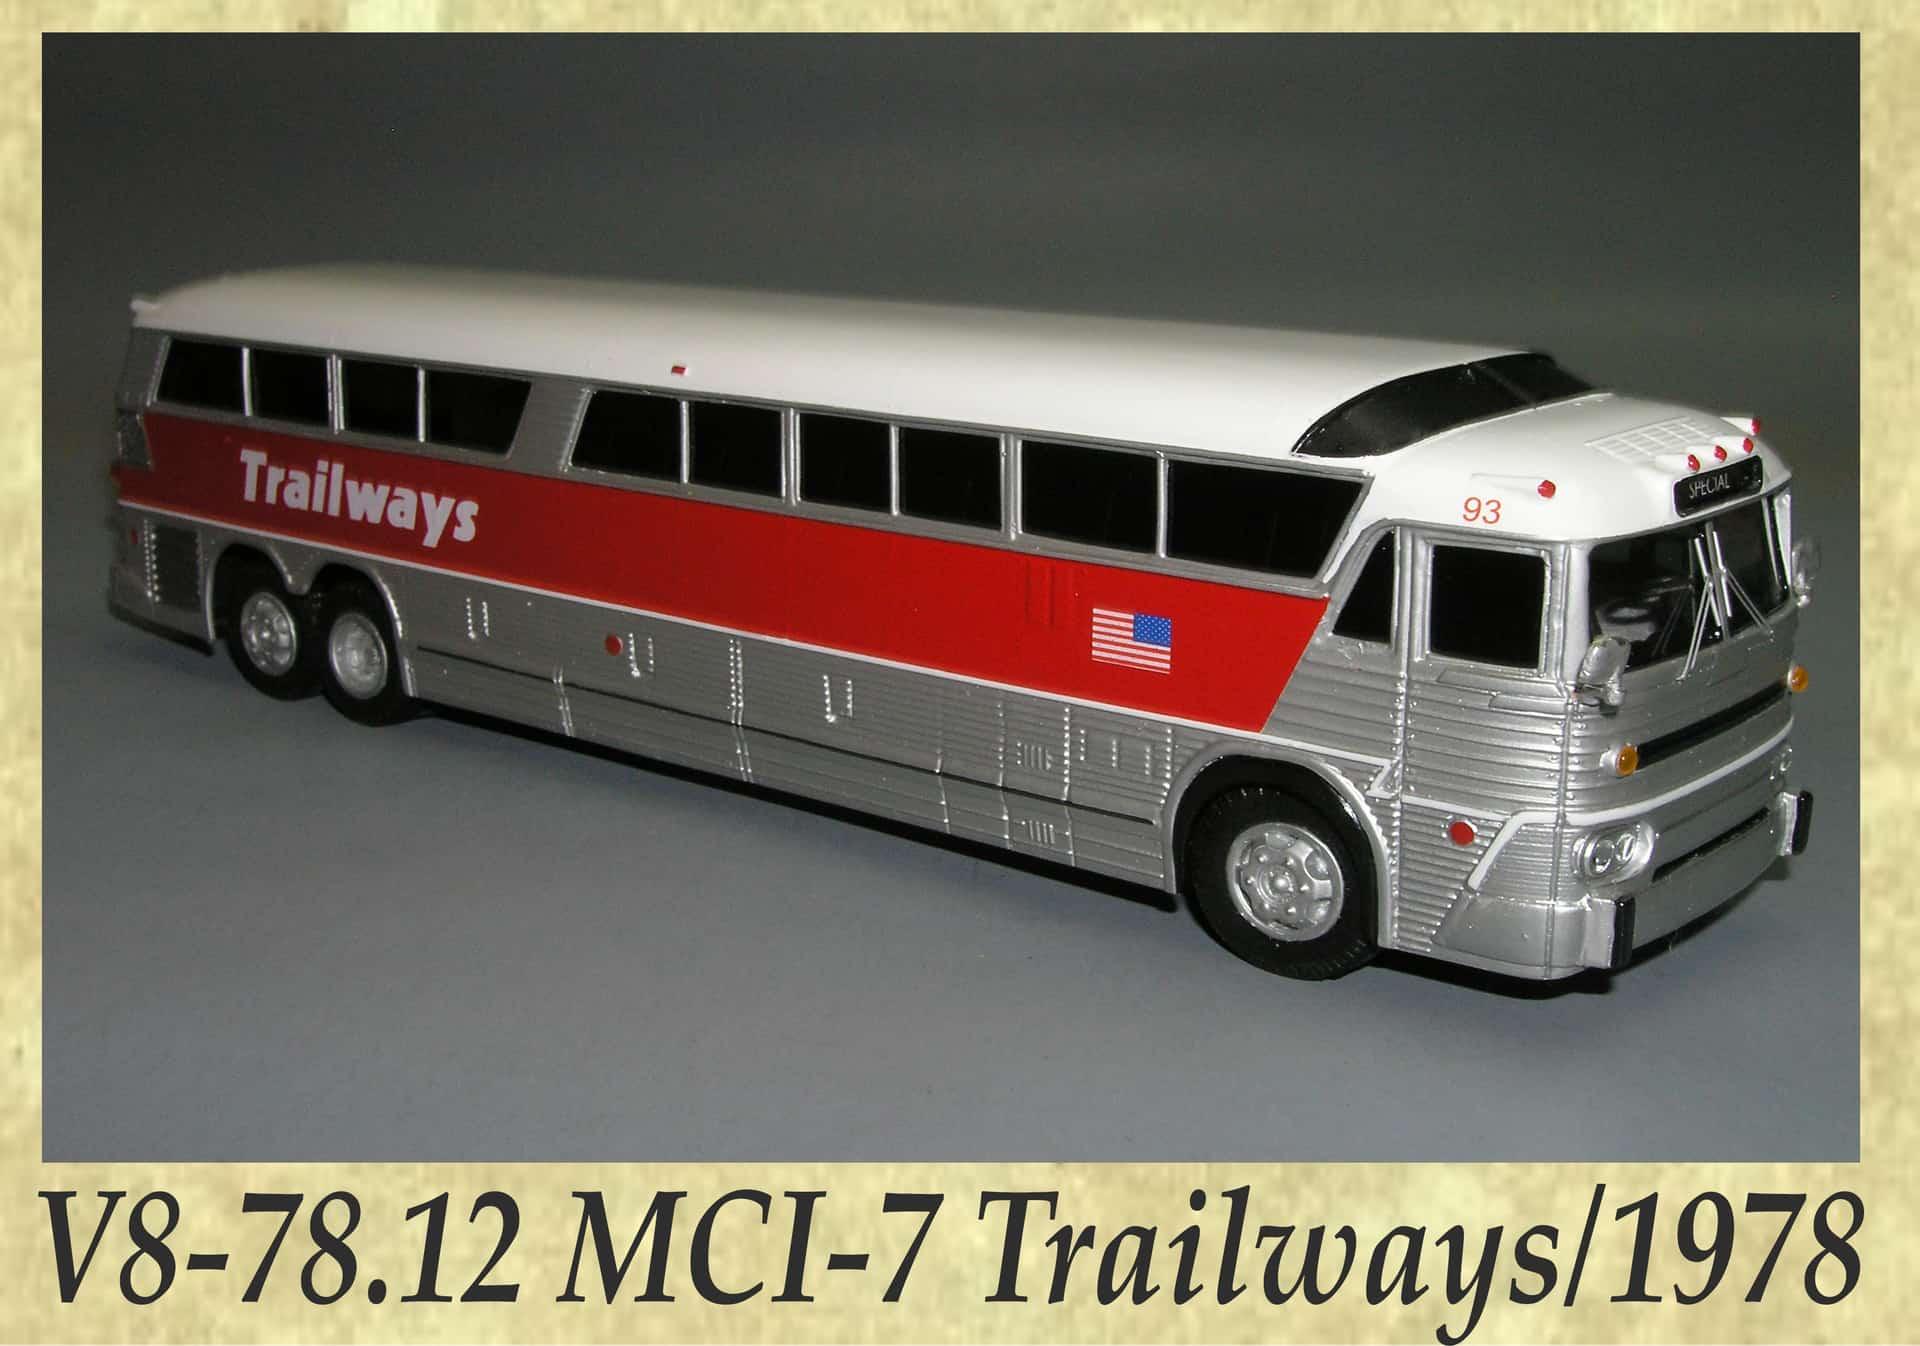 V8-78.12 MCI-7 Trailways 1978